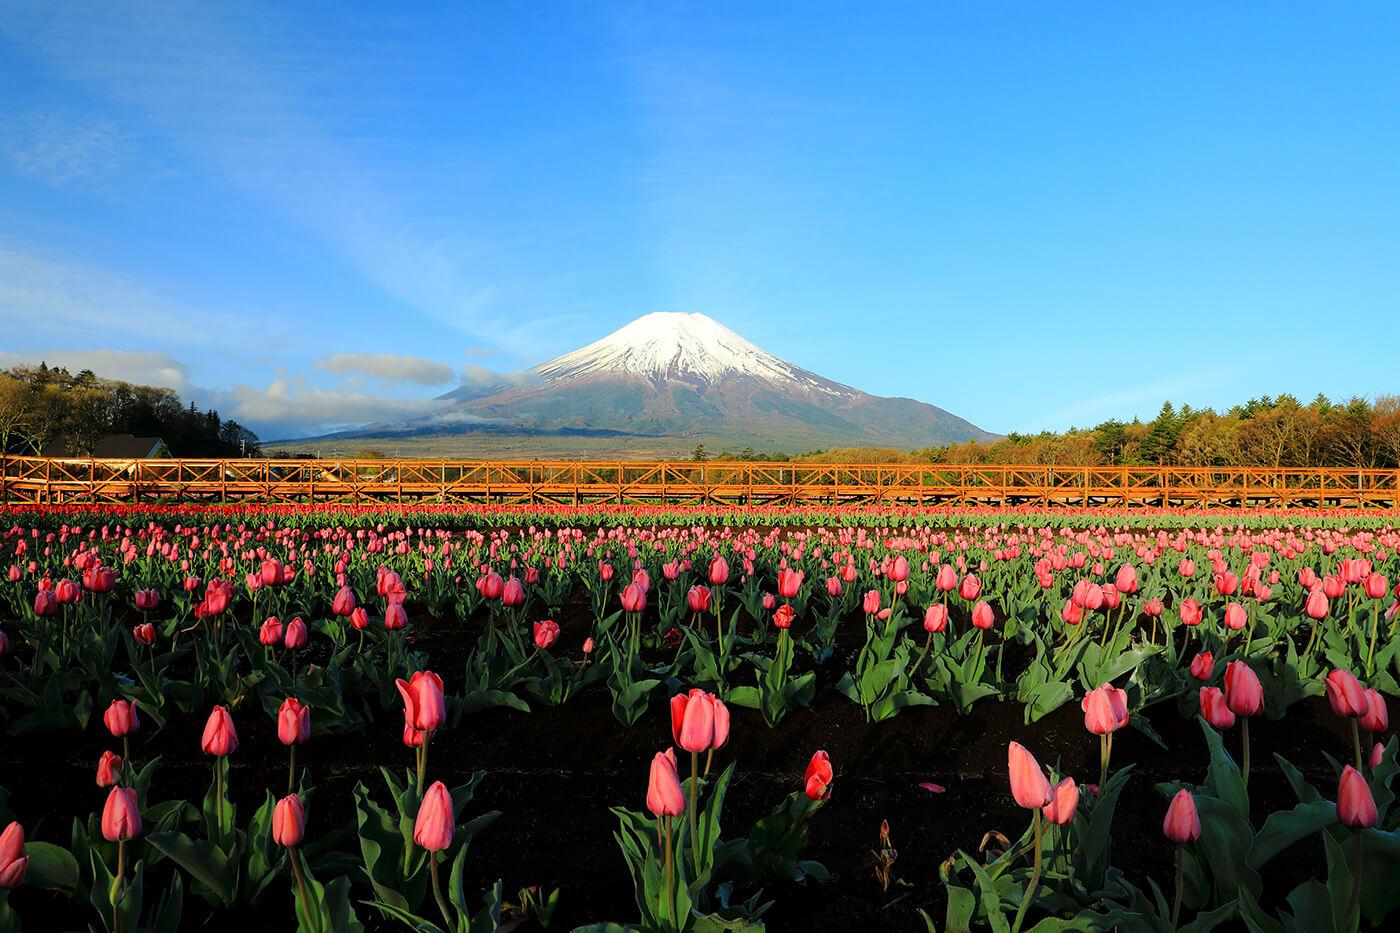 History of Mt Fuji